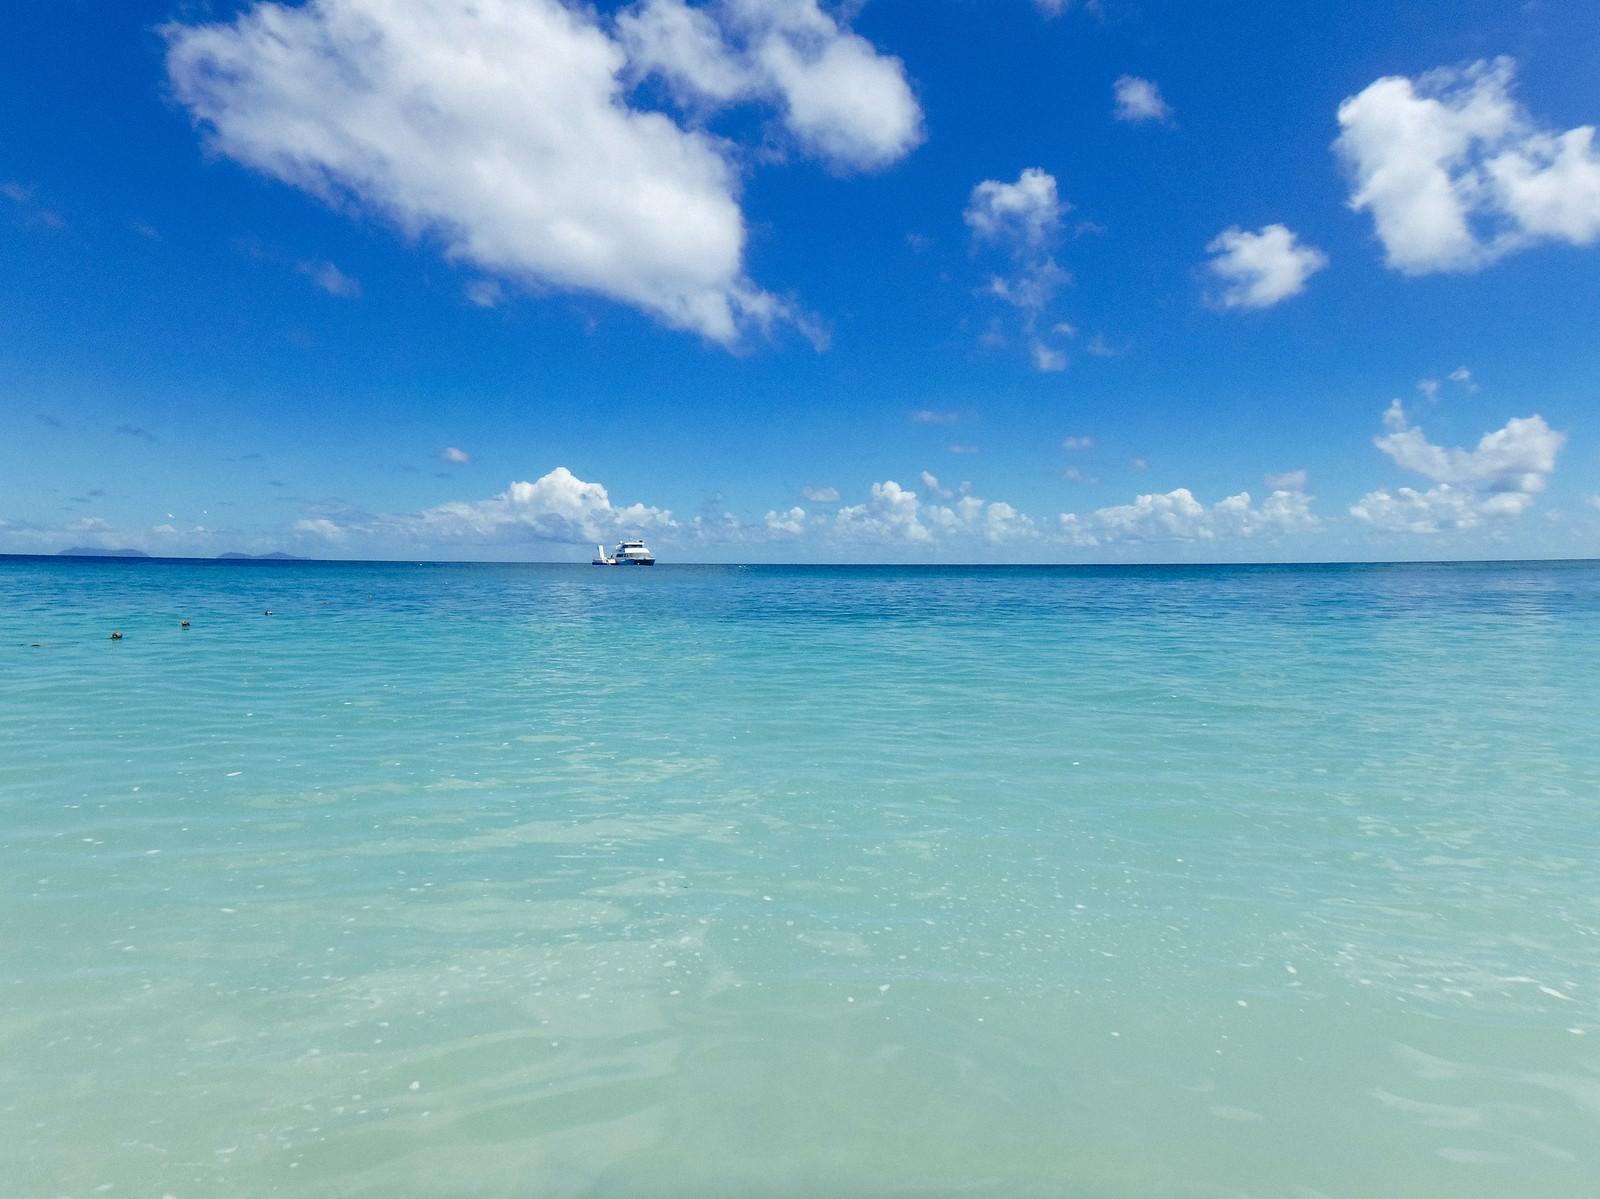 「真っ青な海に浮かぶクルーザー」の写真